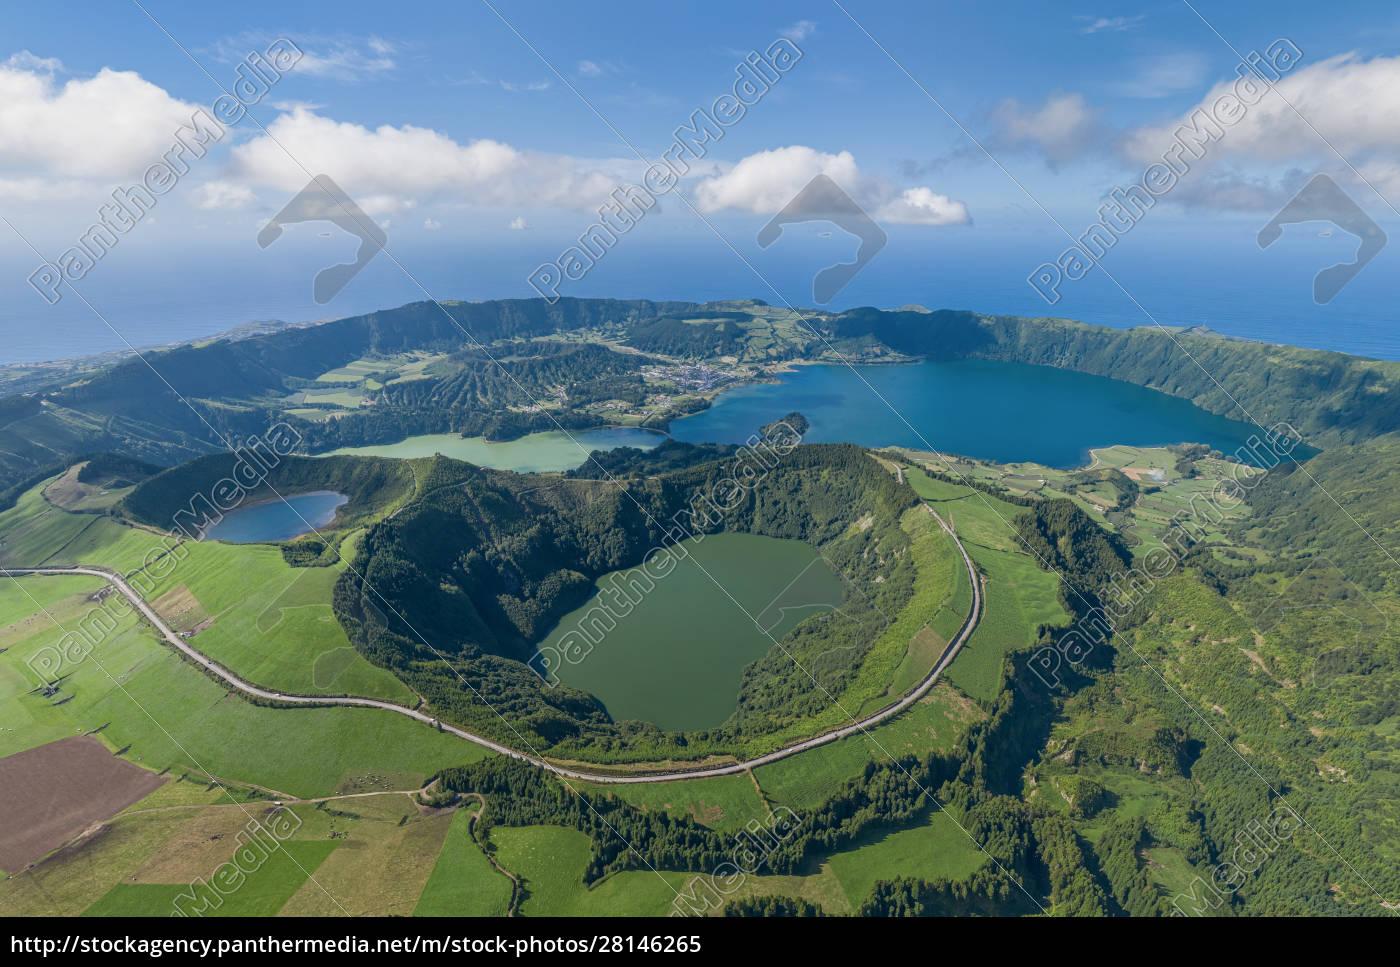 widok, z, lotu, ptaka, na, azory, wyspa - 28146265